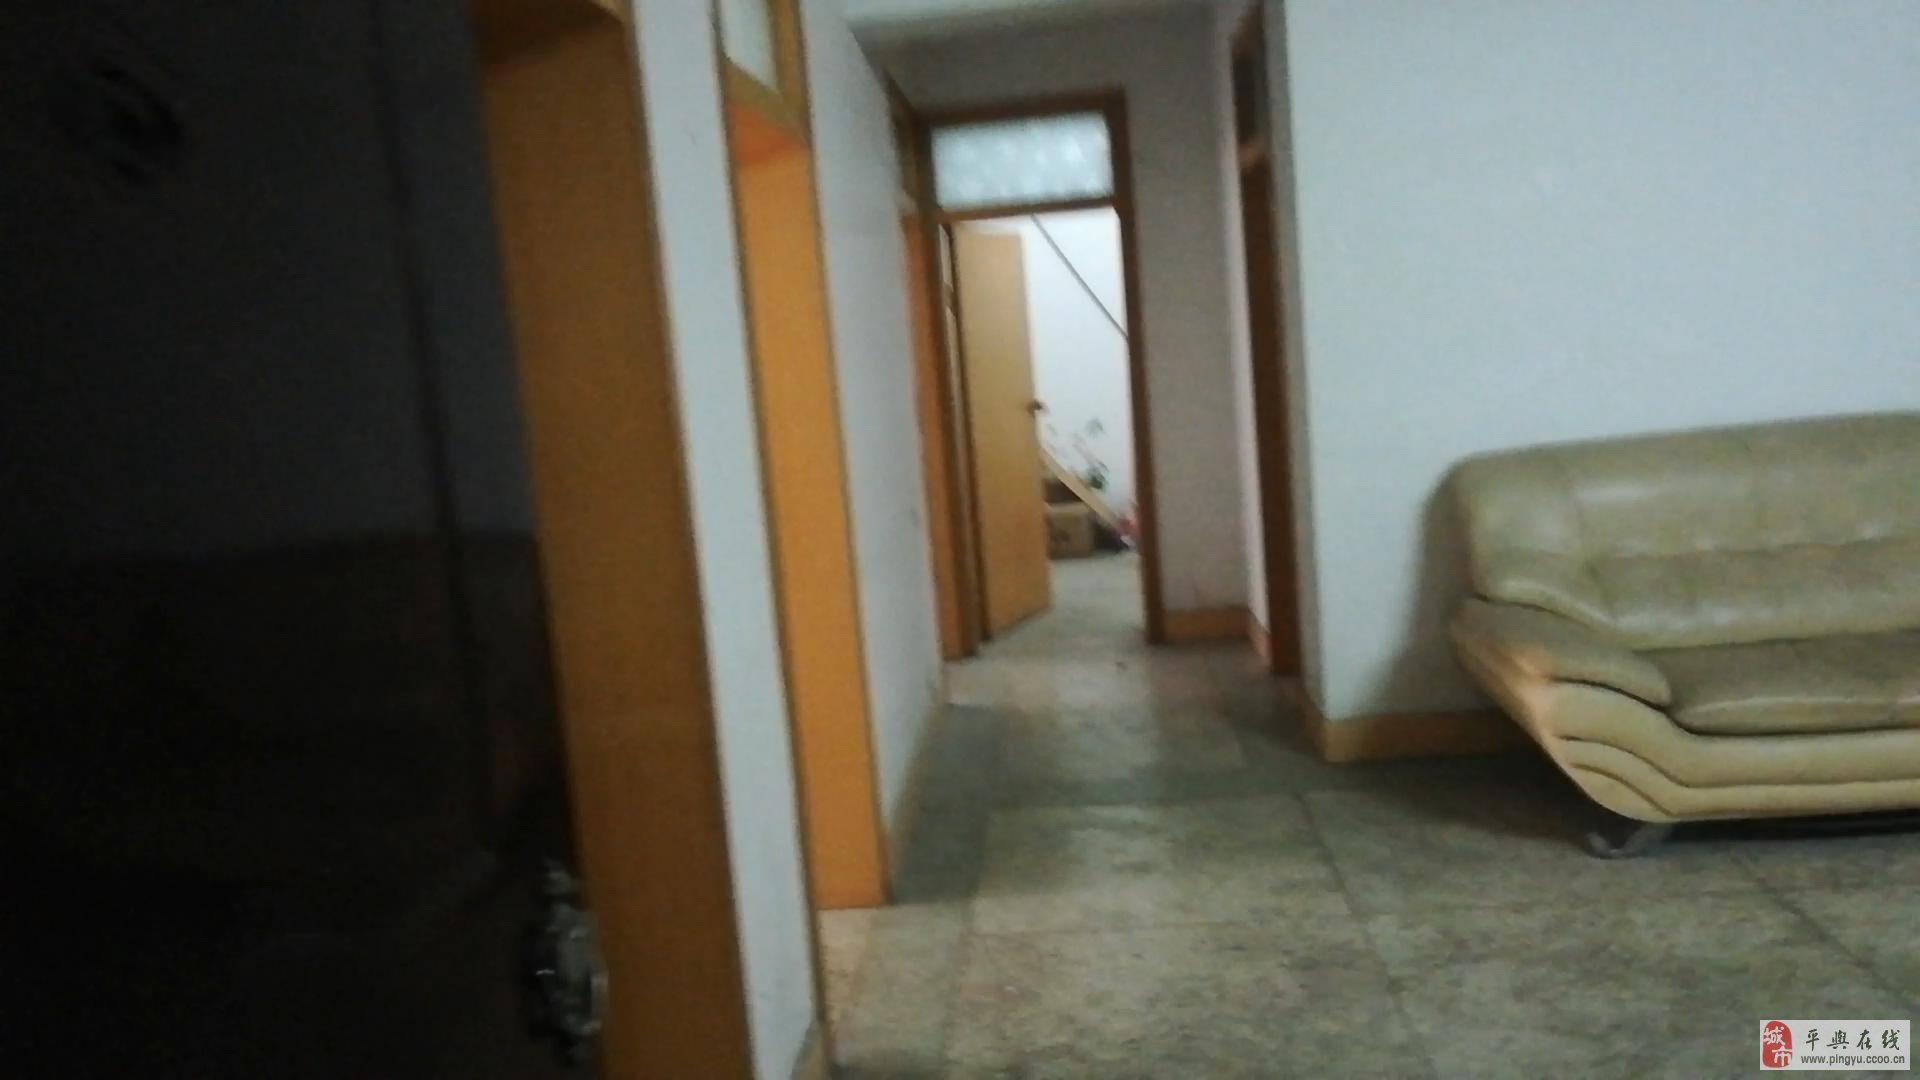 二中北侧3室2厅2卫一个院